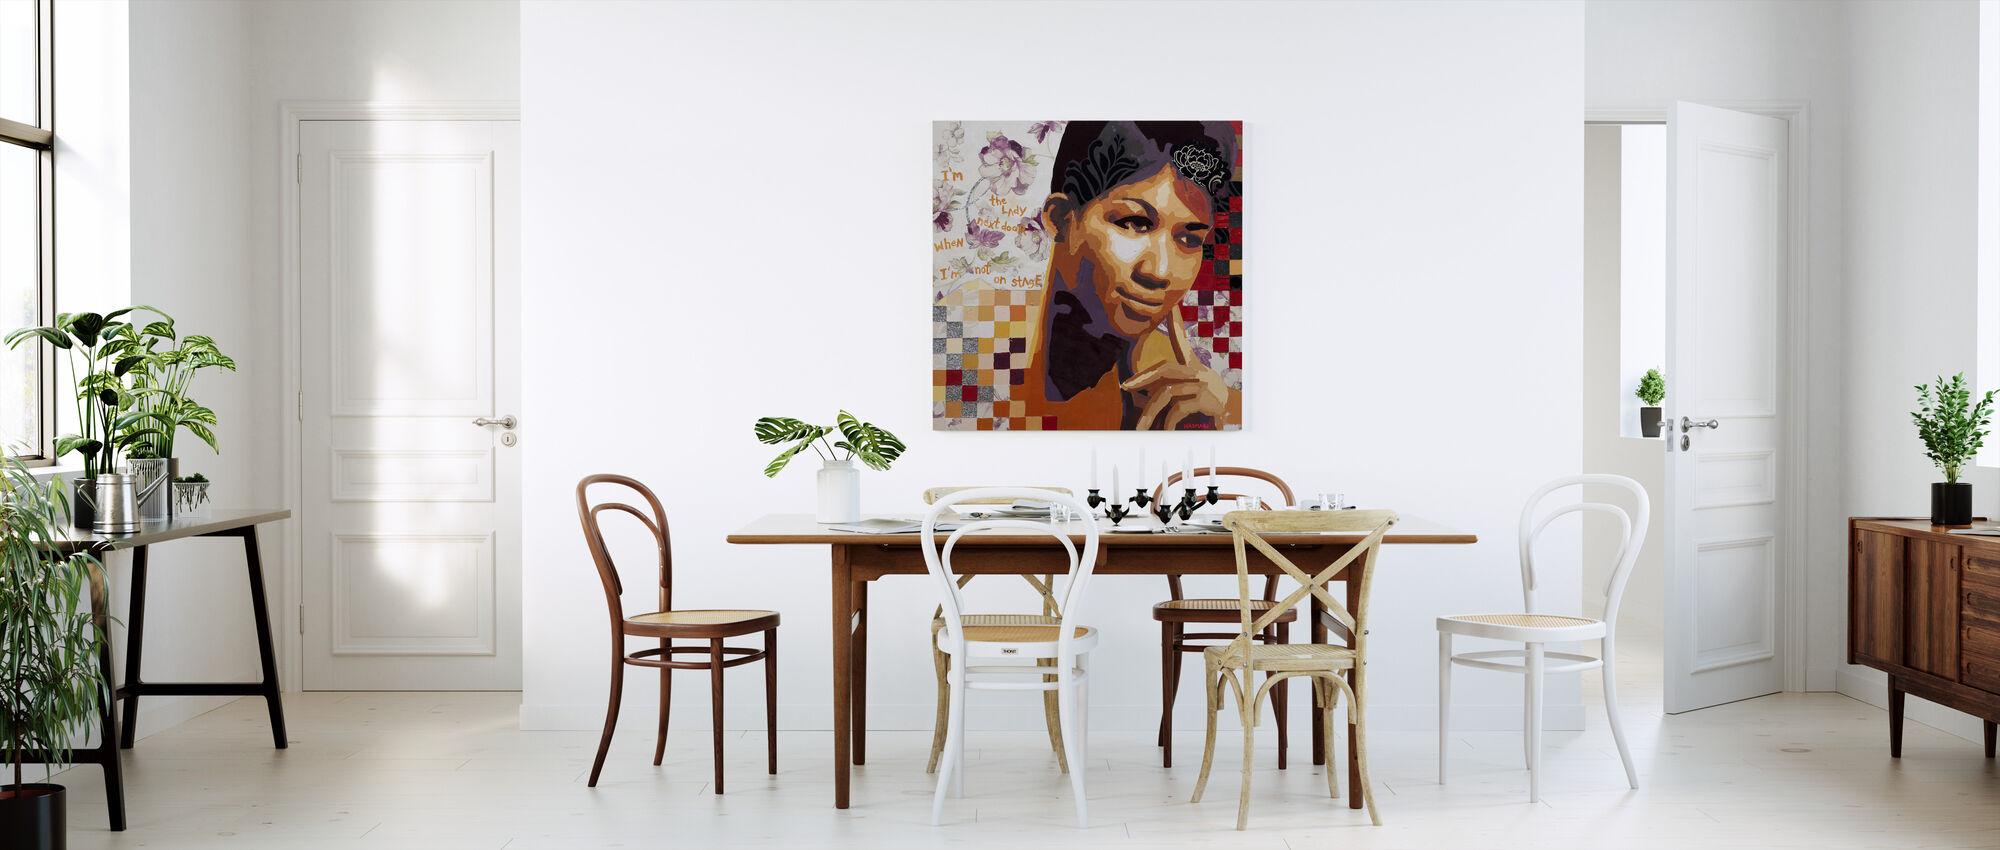 The Girl Next Door - Canvas print - Kitchen